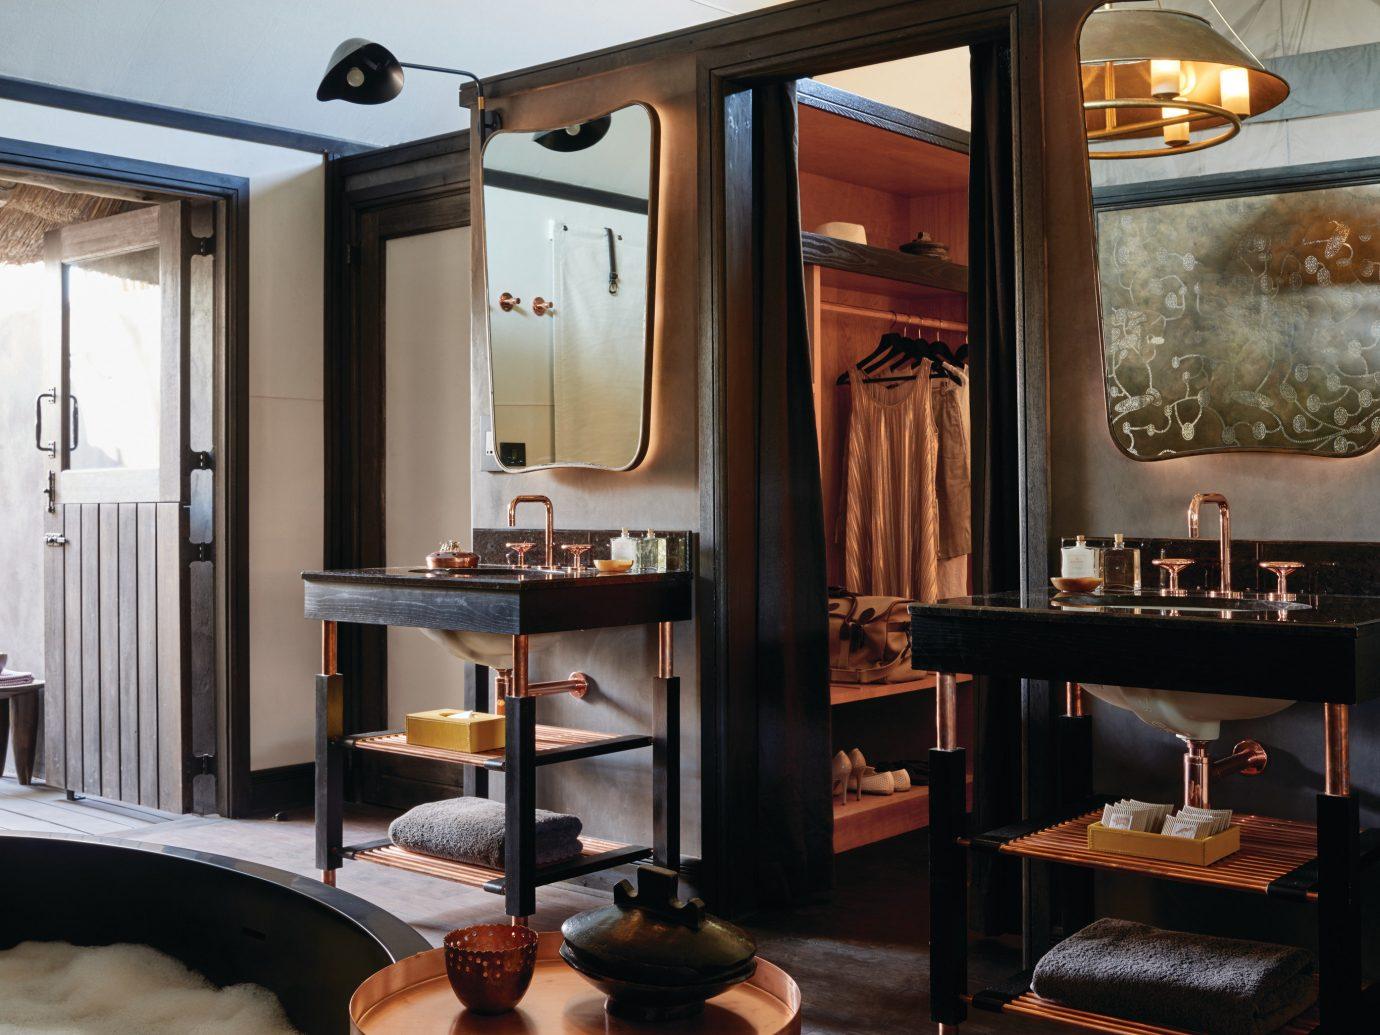 Trip Ideas indoor room interior design furniture cabinetry